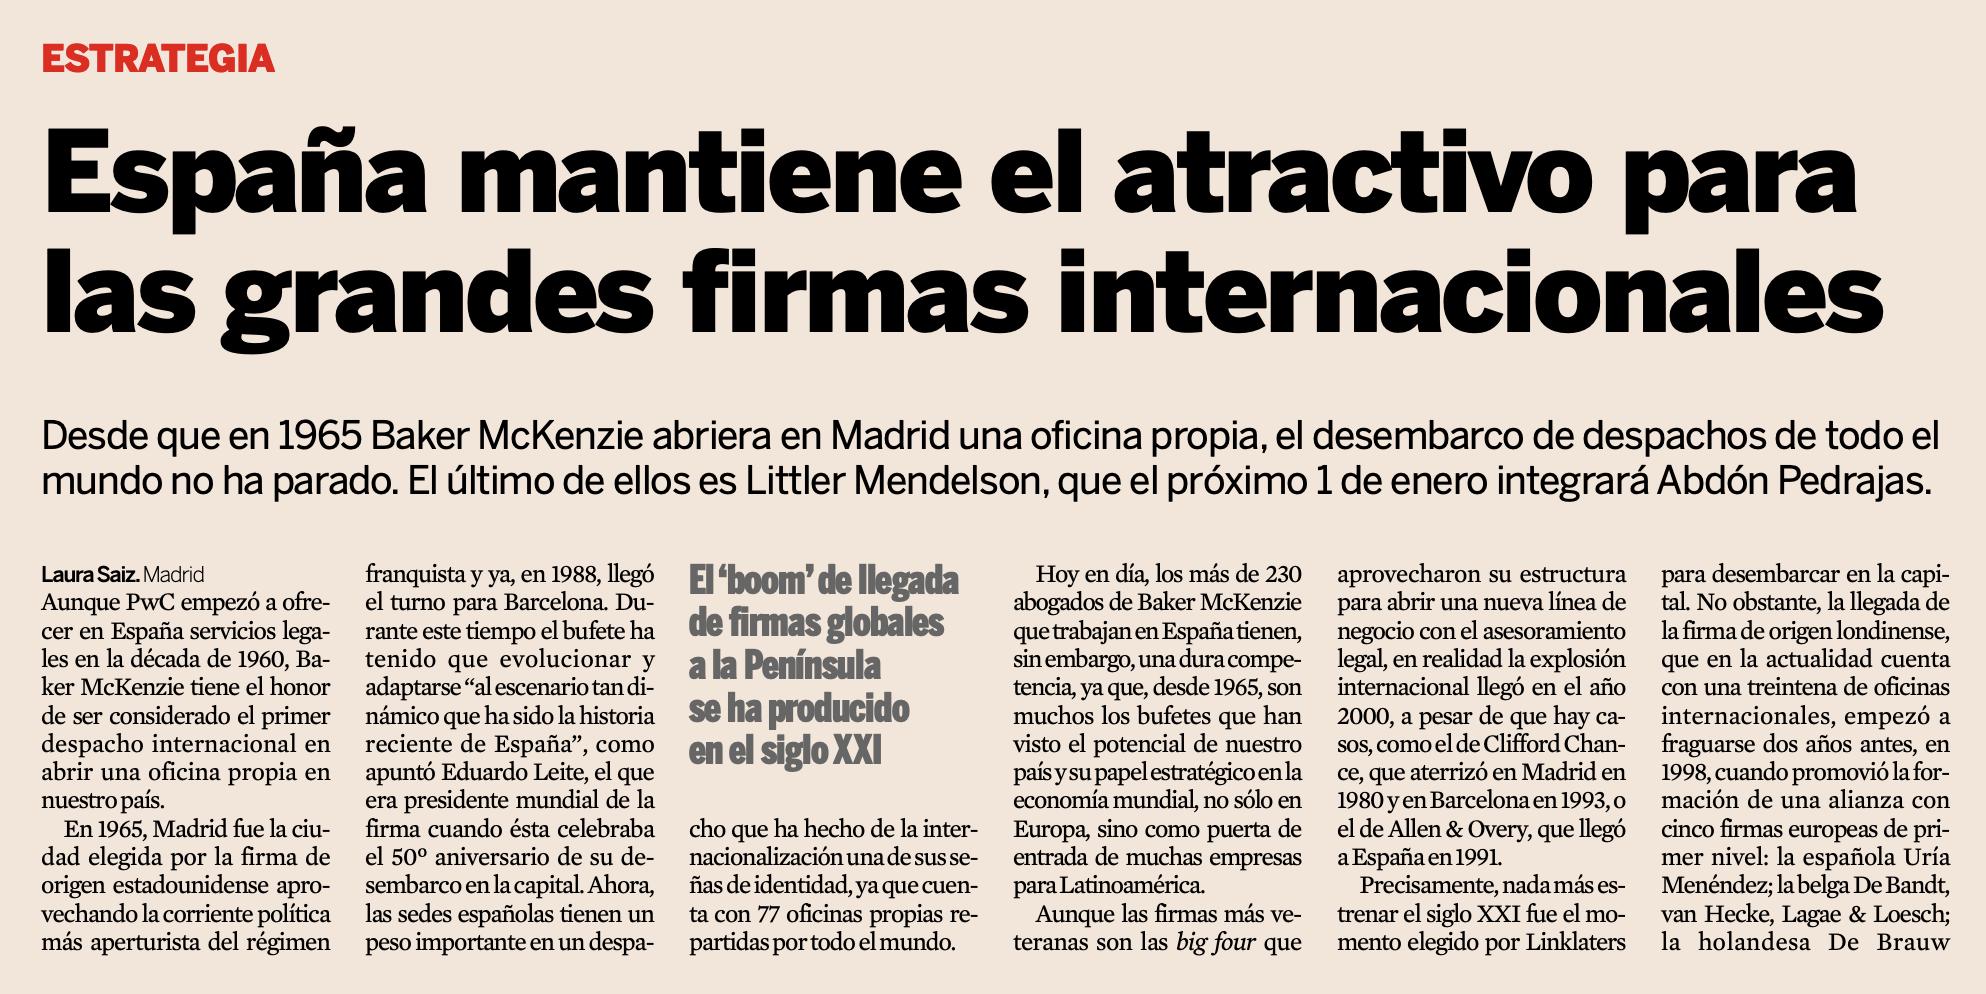 Crecimiento del área de legal de ETL Global en España